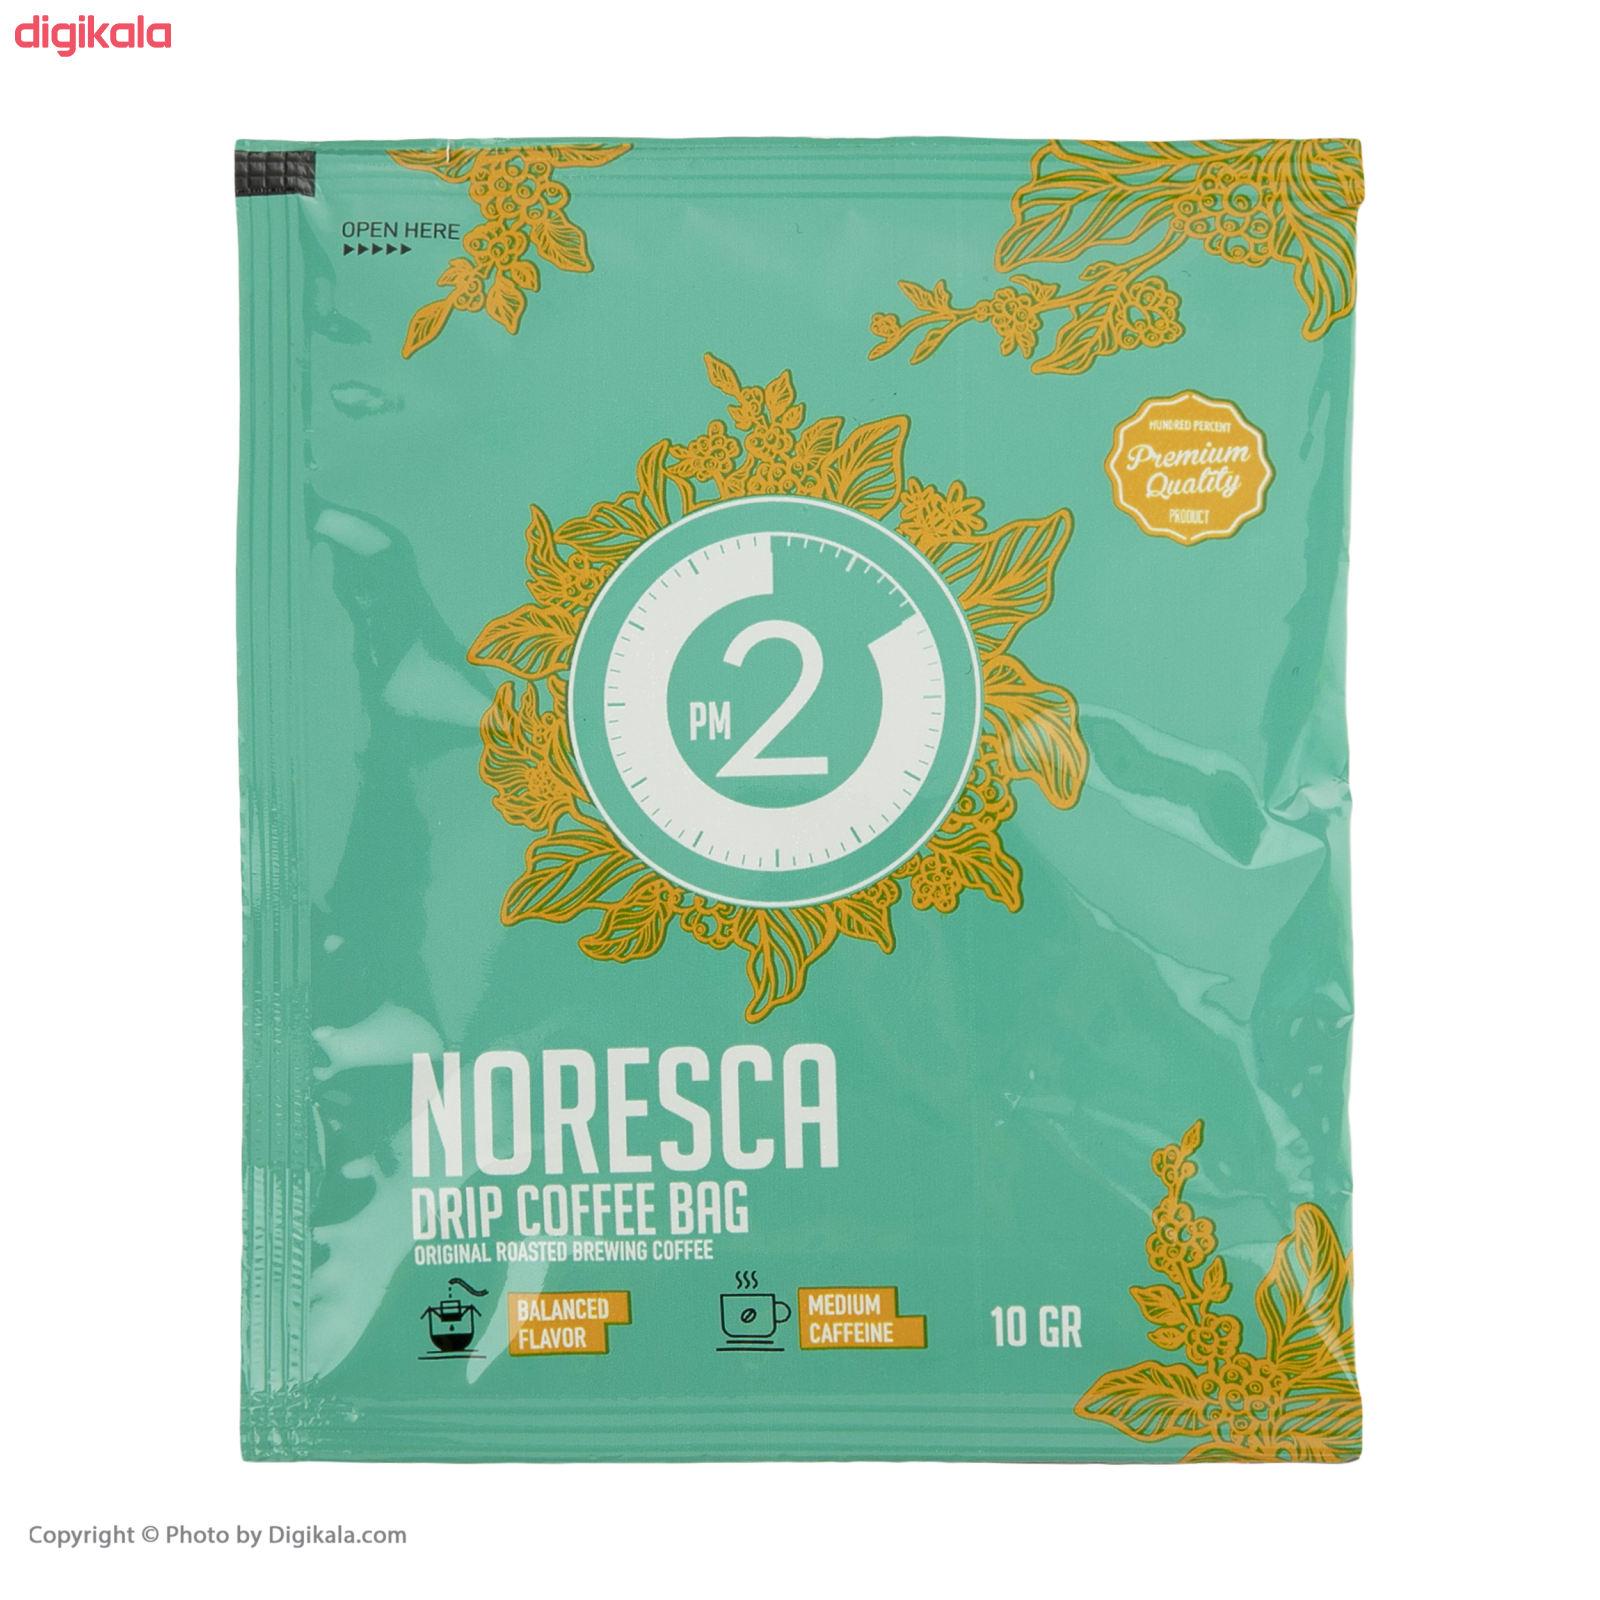 قهوه نورسکا ترکیبی بن مانو - بسته 24 عددی main 1 4